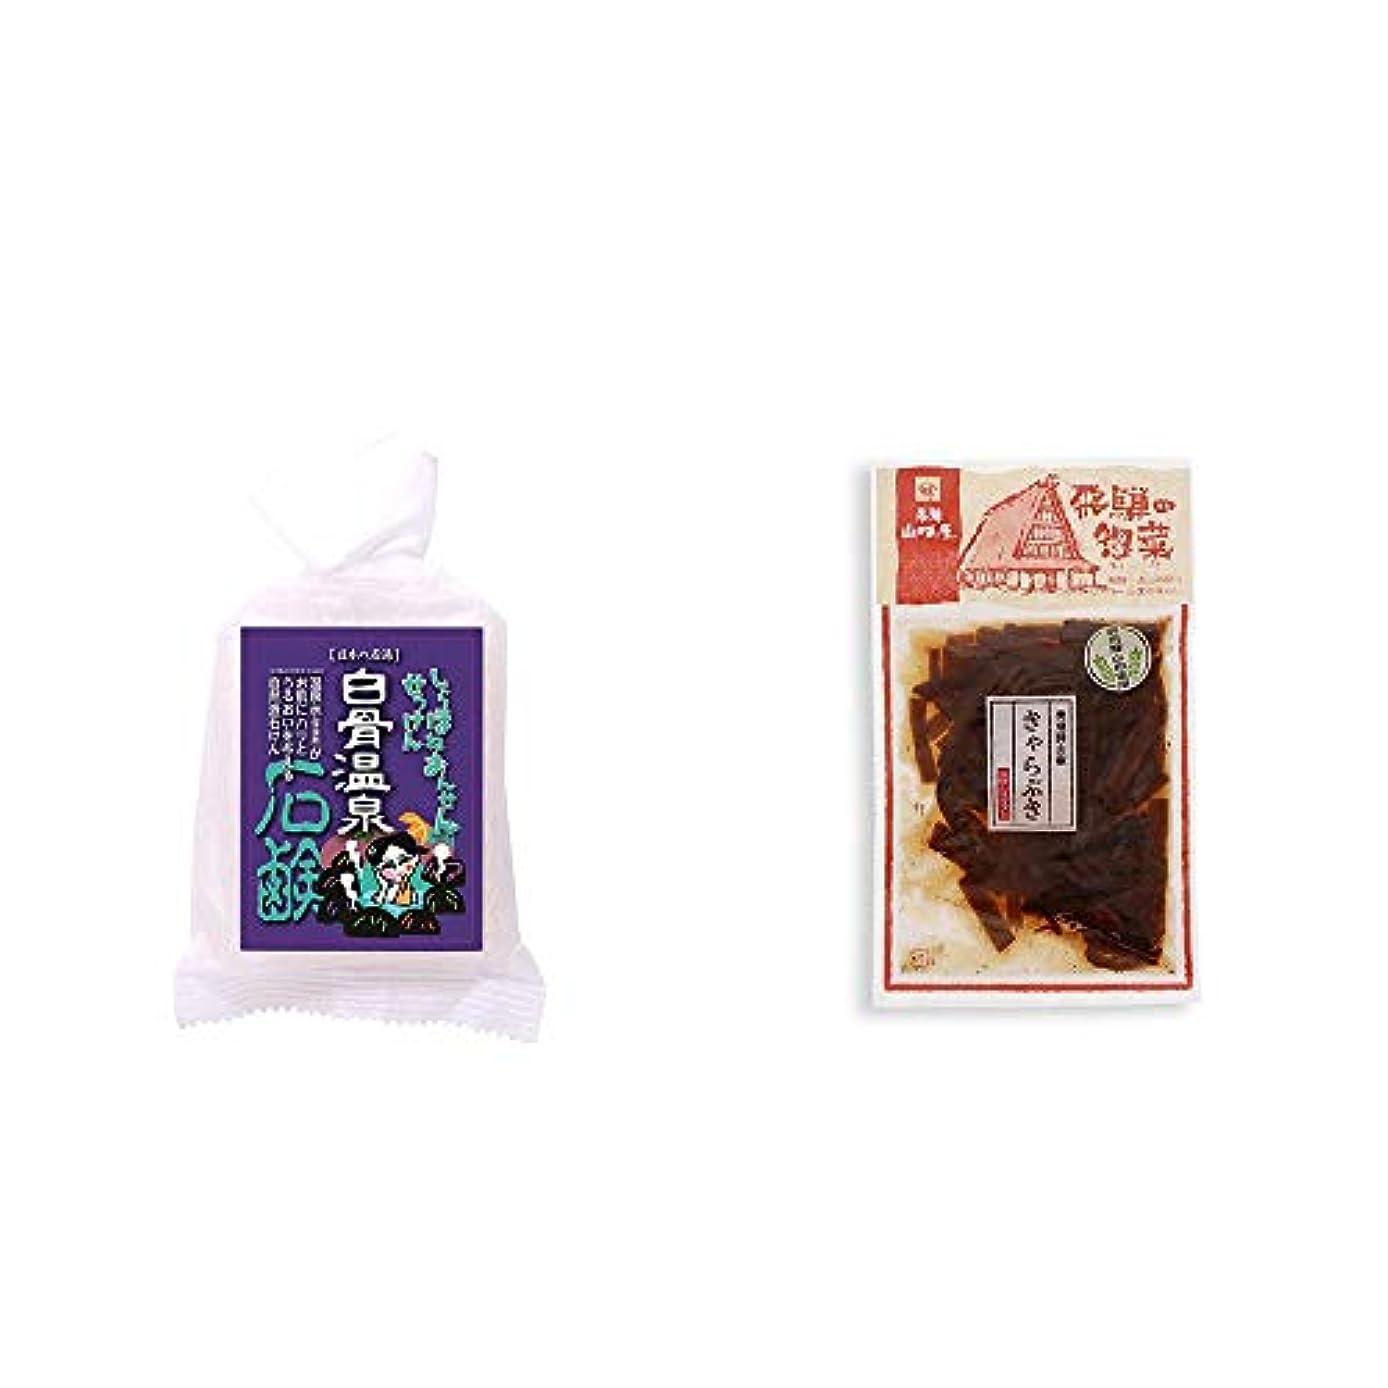 [2点セット] 信州 白骨温泉石鹸(80g)?飛騨山味屋 奥飛騨山椒きゃらぶき(120g)